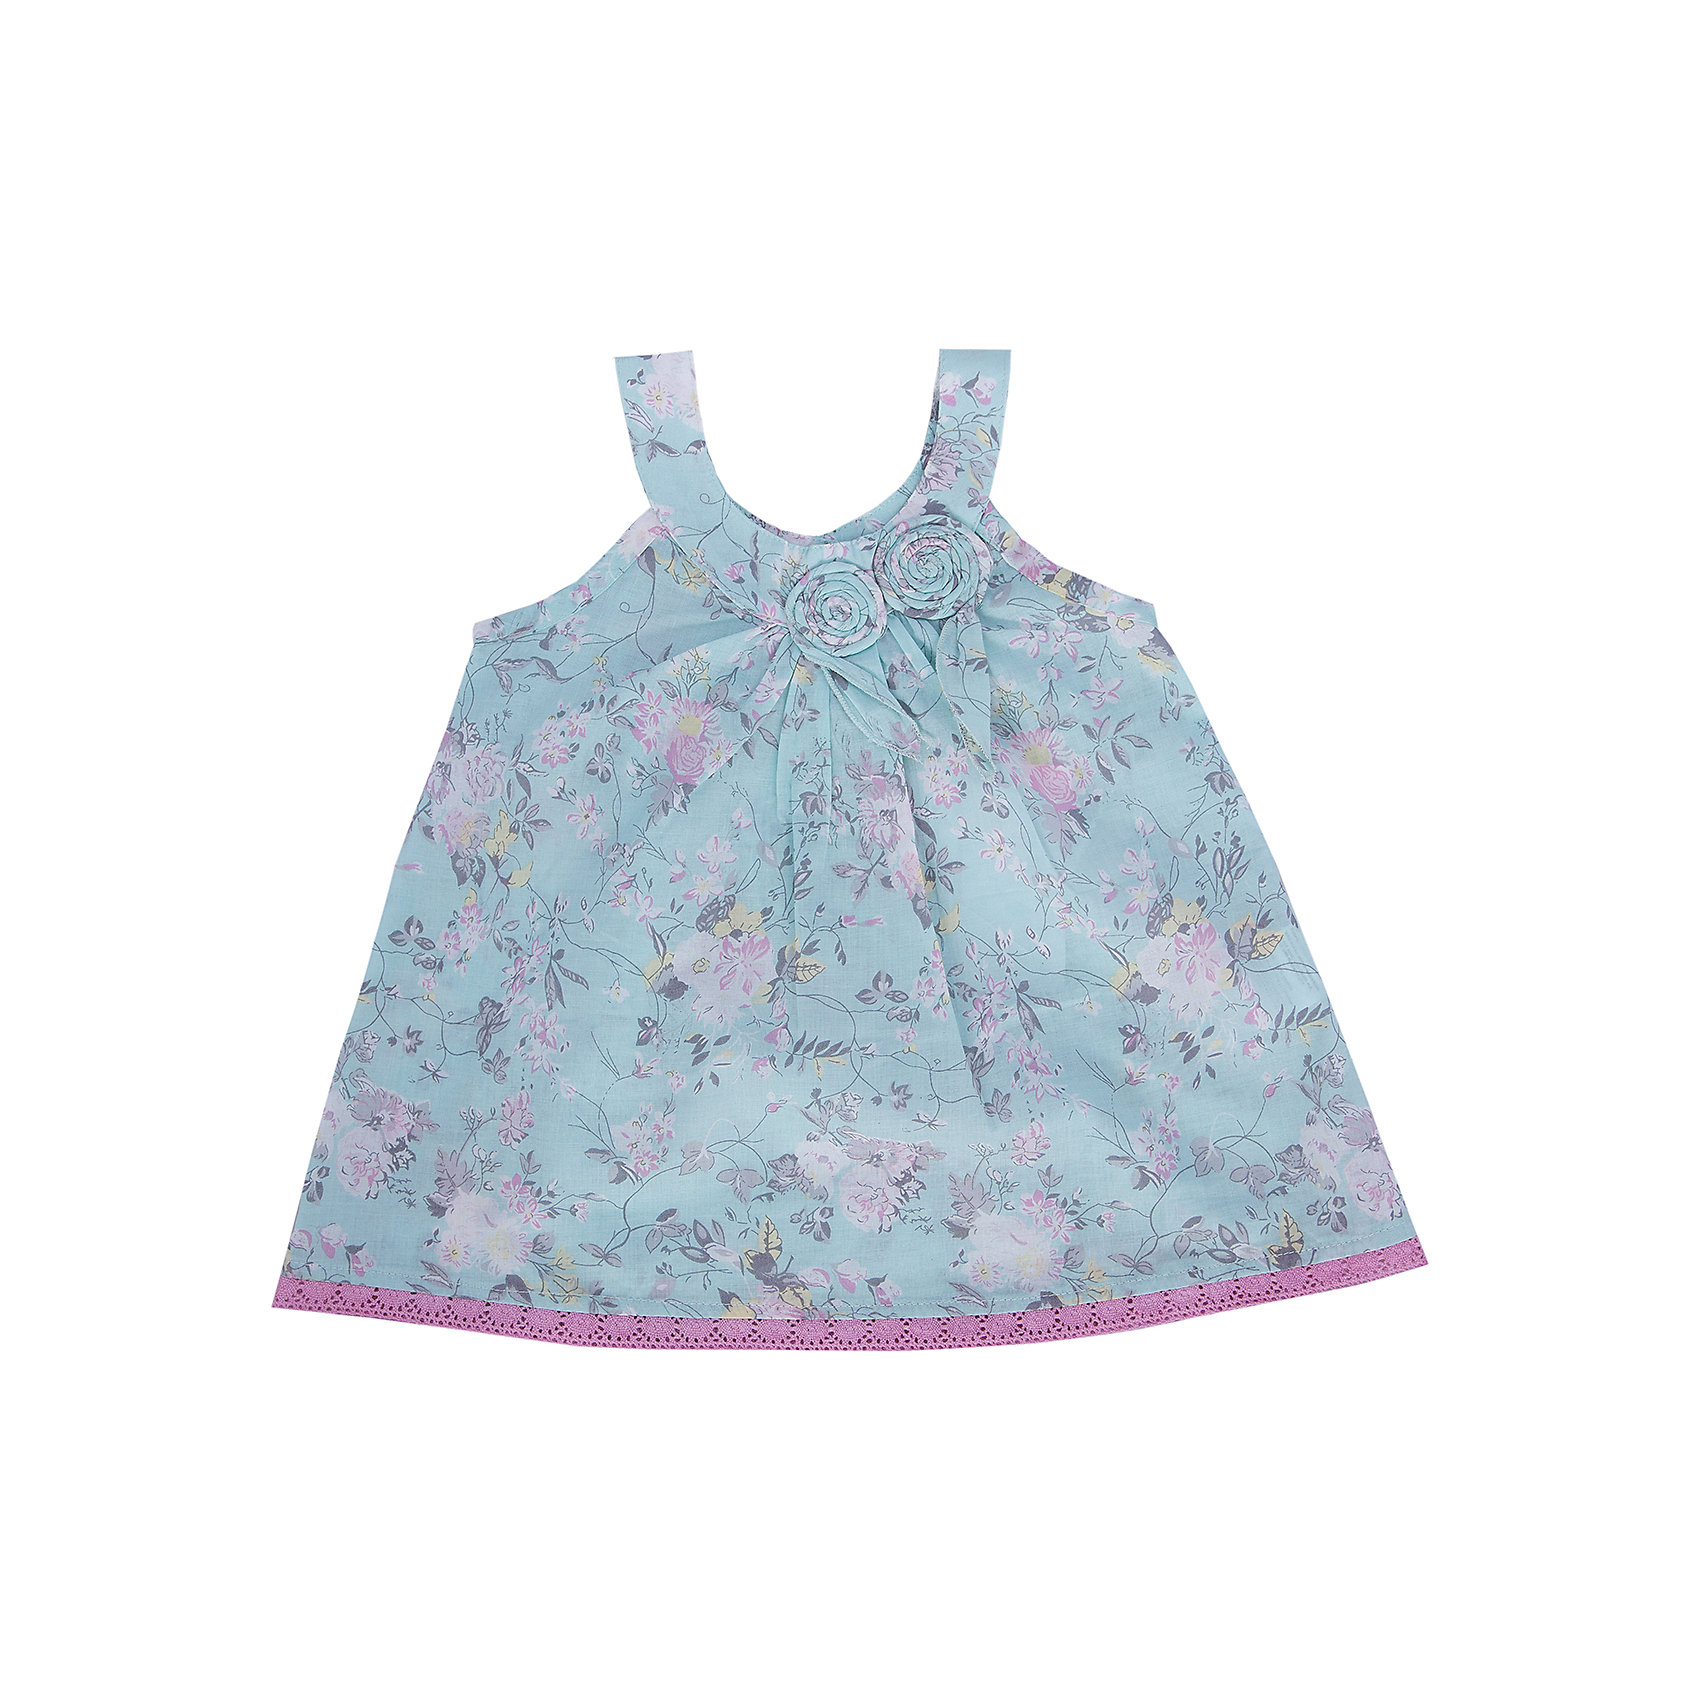 Блузка для девочки SELAБлузка от известной марки SELА поможет разнообразить летний гардероб девочки, создать нарядный или повседневный образ. Удобный крой и качественный материал обеспечат ребенку комфорт при ношении этой вещи. <br>Горловина изделия - круглая, украшена текстильными цветами. Силуэт - стильный,  расширенный к низу. Приятная на ощупь ткань не вызывает аллергии. Изделие украшено стильным принтом.<br><br>Дополнительная информация:<br><br>материал: 100% хлопок;<br>цвет: разноцветный;<br>без рукава;<br>силуэт расширенный к низу;<br>уход за изделием: стирка в машине при температуре до 30°С, не отбеливать, гладить при низкой температуре.<br><br>Блузку от бренда SELА (Села) можно купить в нашем магазине.<br><br>Ширина мм: 186<br>Глубина мм: 87<br>Высота мм: 198<br>Вес г: 197<br>Цвет: зеленый<br>Возраст от месяцев: 60<br>Возраст до месяцев: 72<br>Пол: Женский<br>Возраст: Детский<br>Размер: 116,92,98,104,110<br>SKU: 4741069